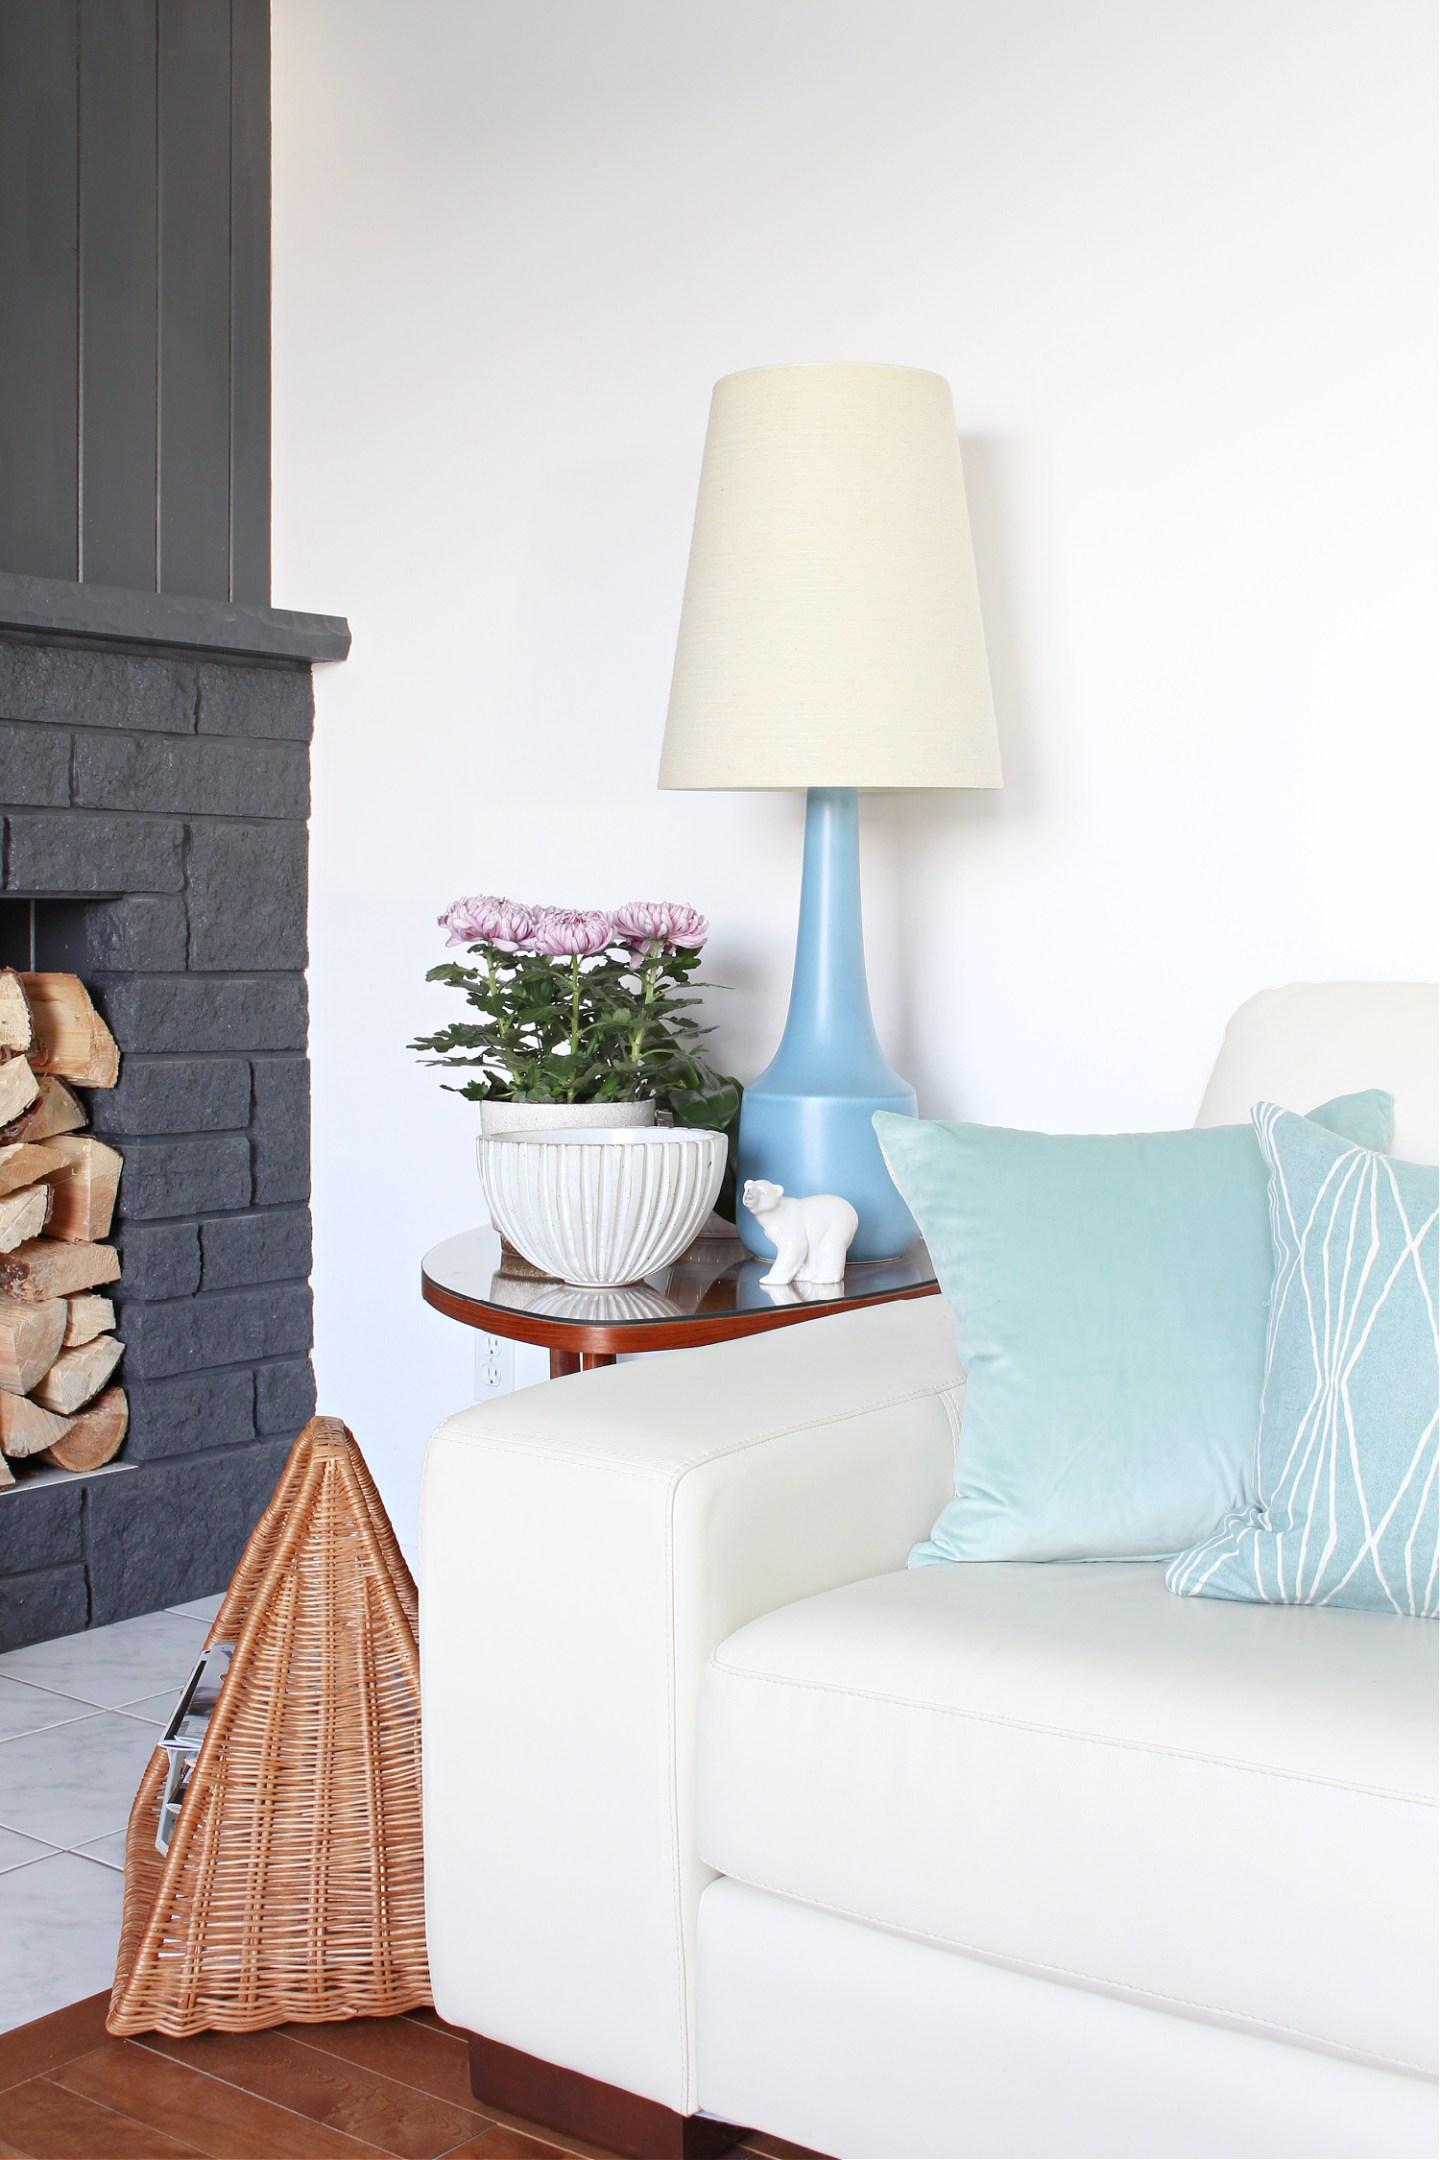 Beachy Home Decor Inspiration